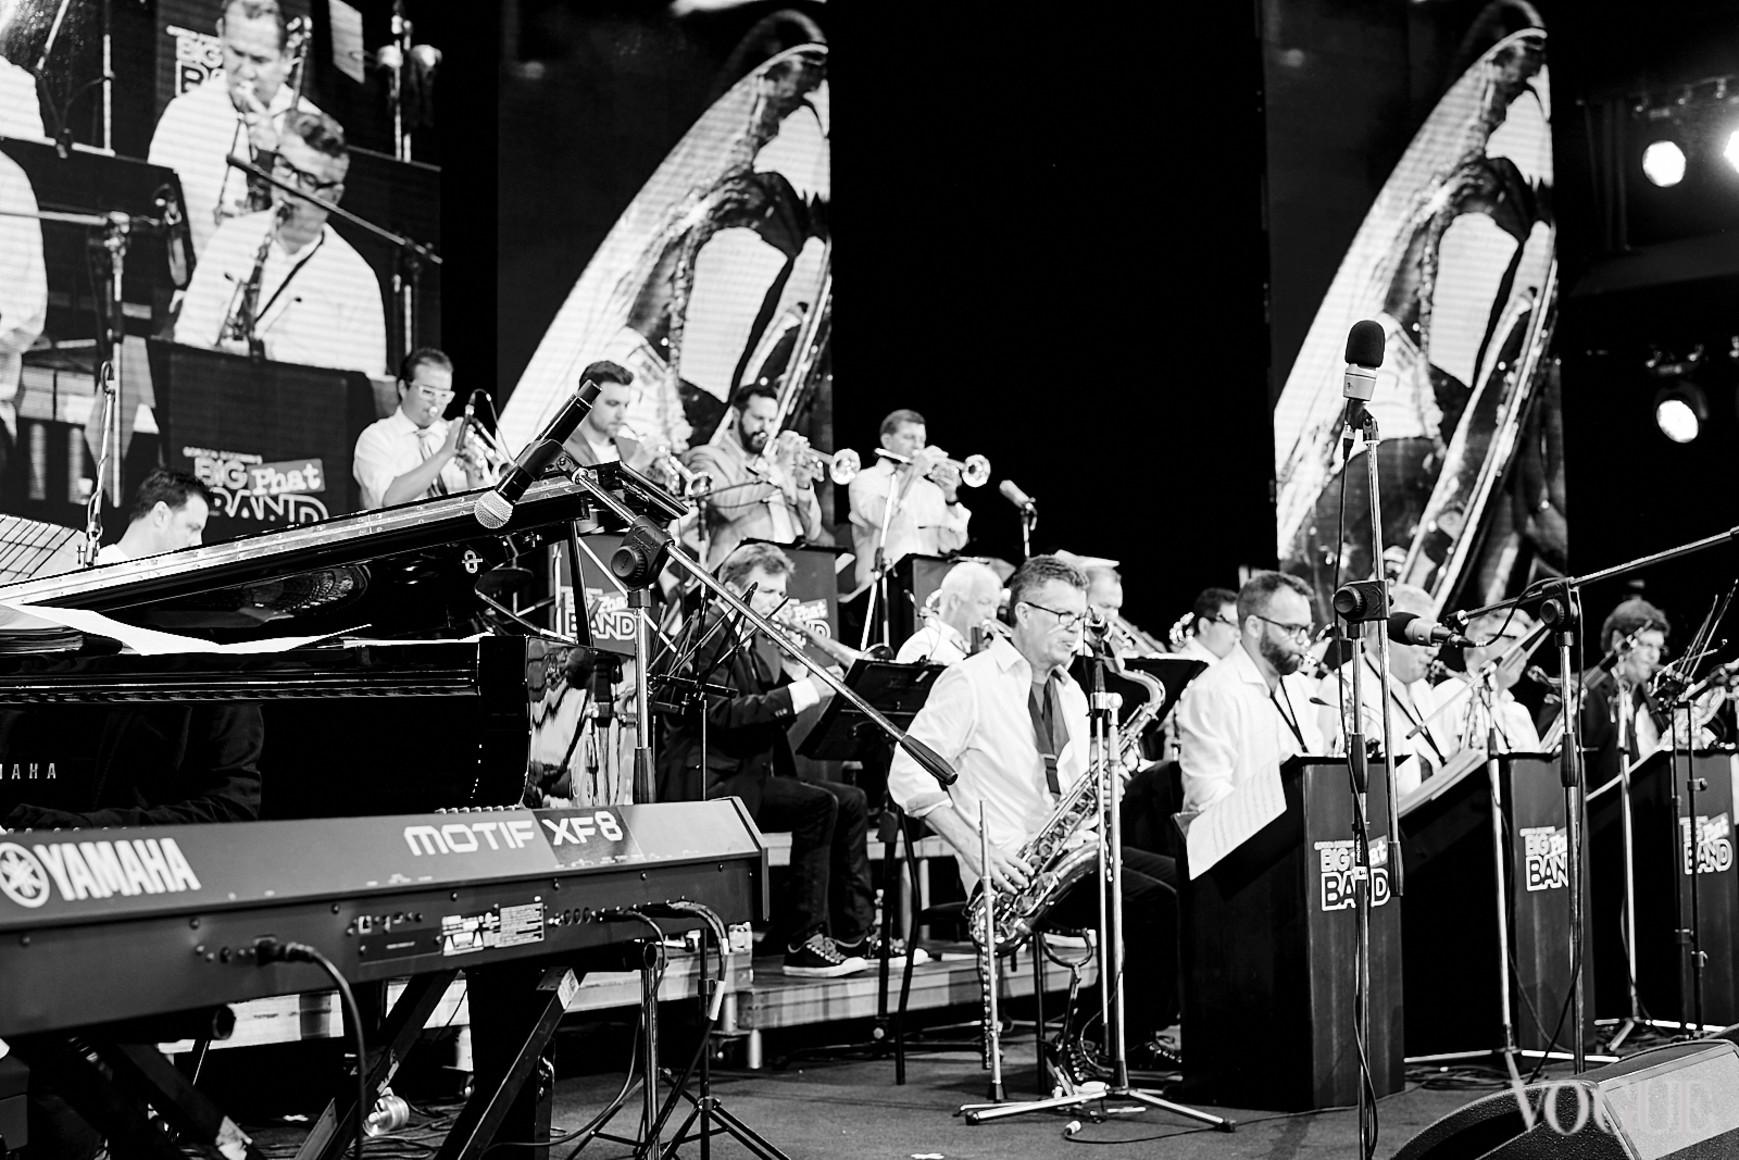 Выступление Gordon Goodwin's Big Phat Band